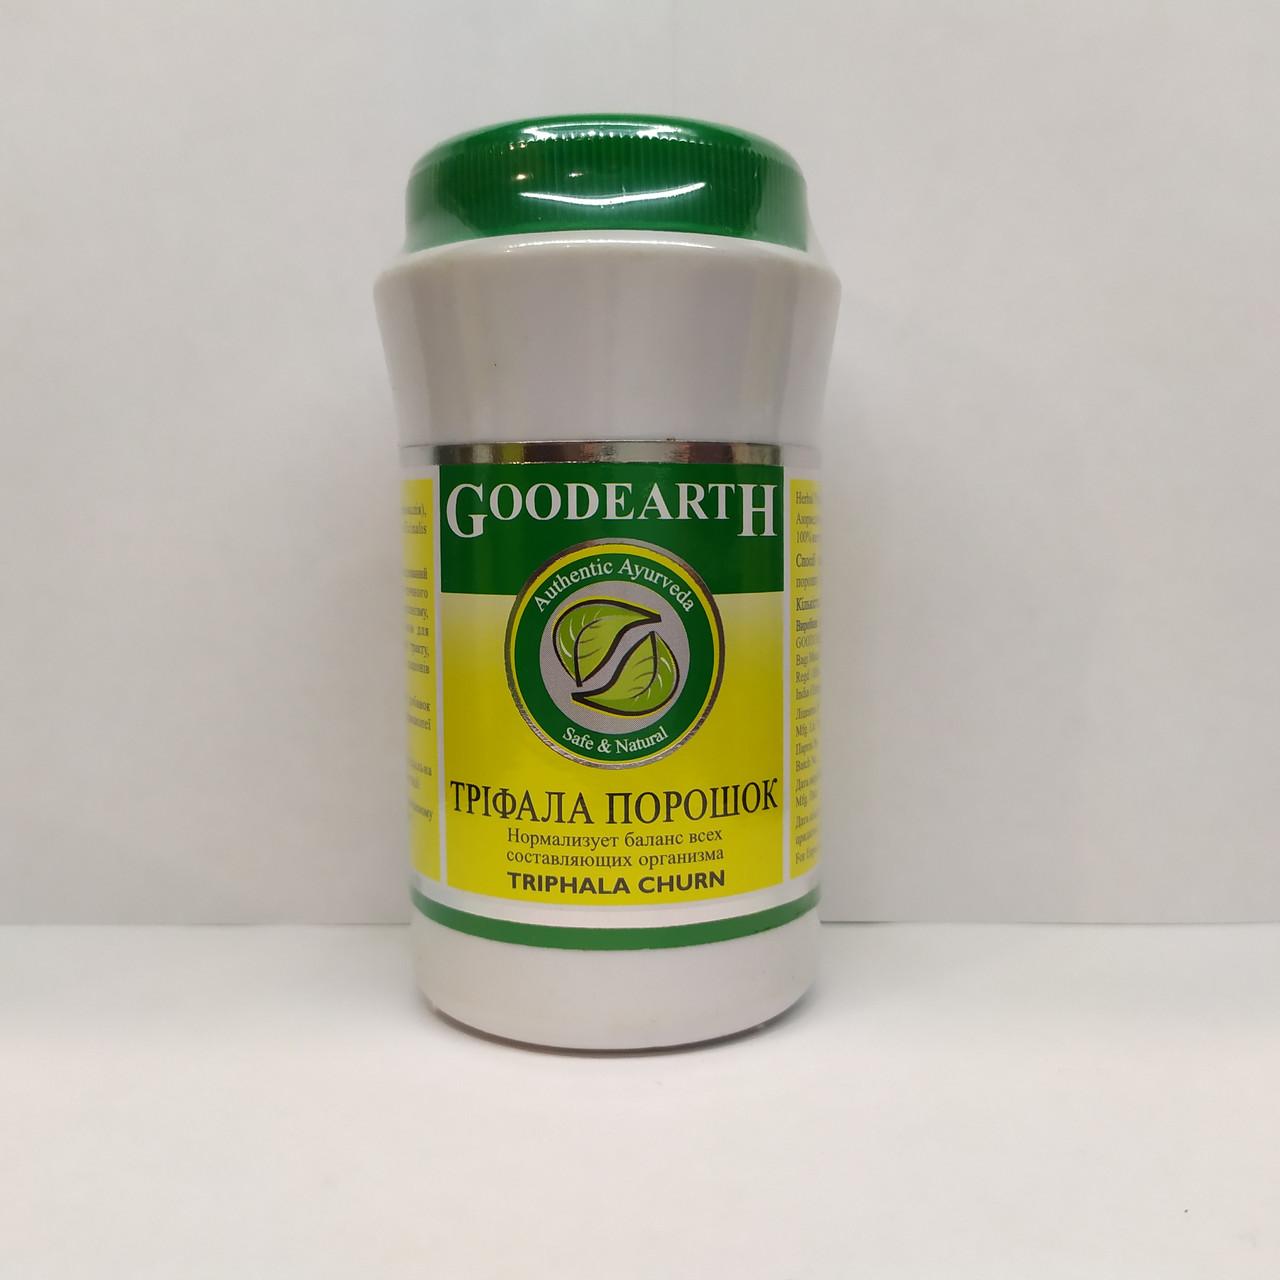 Трифала порошок (120 г) Goodcare Pharma